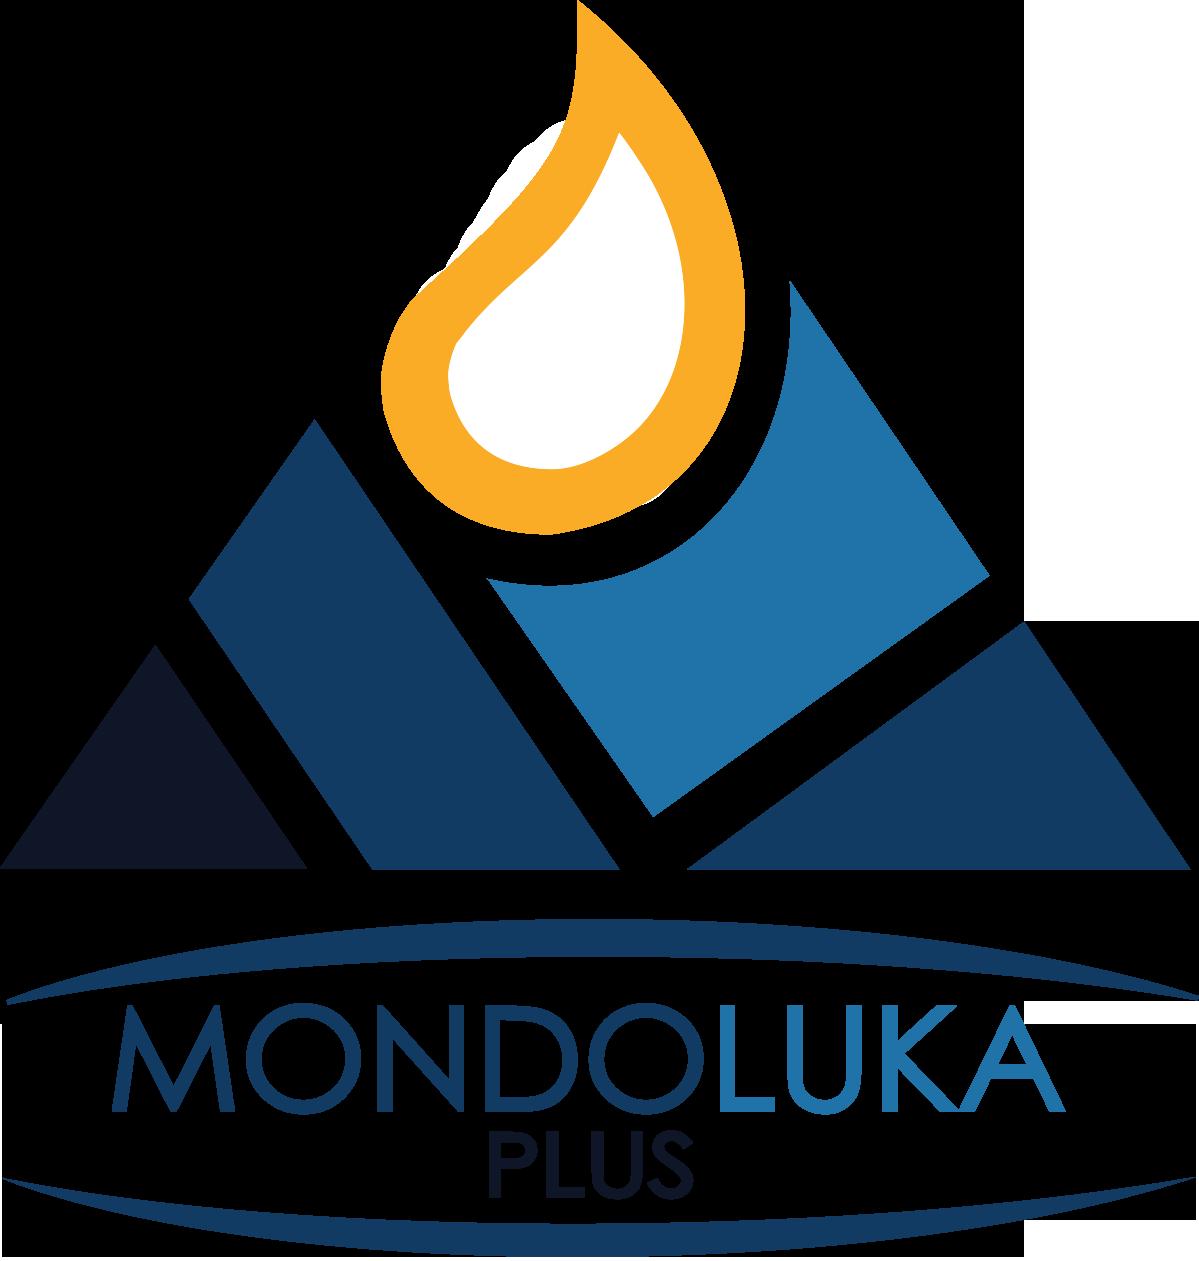 Mondoluka logo